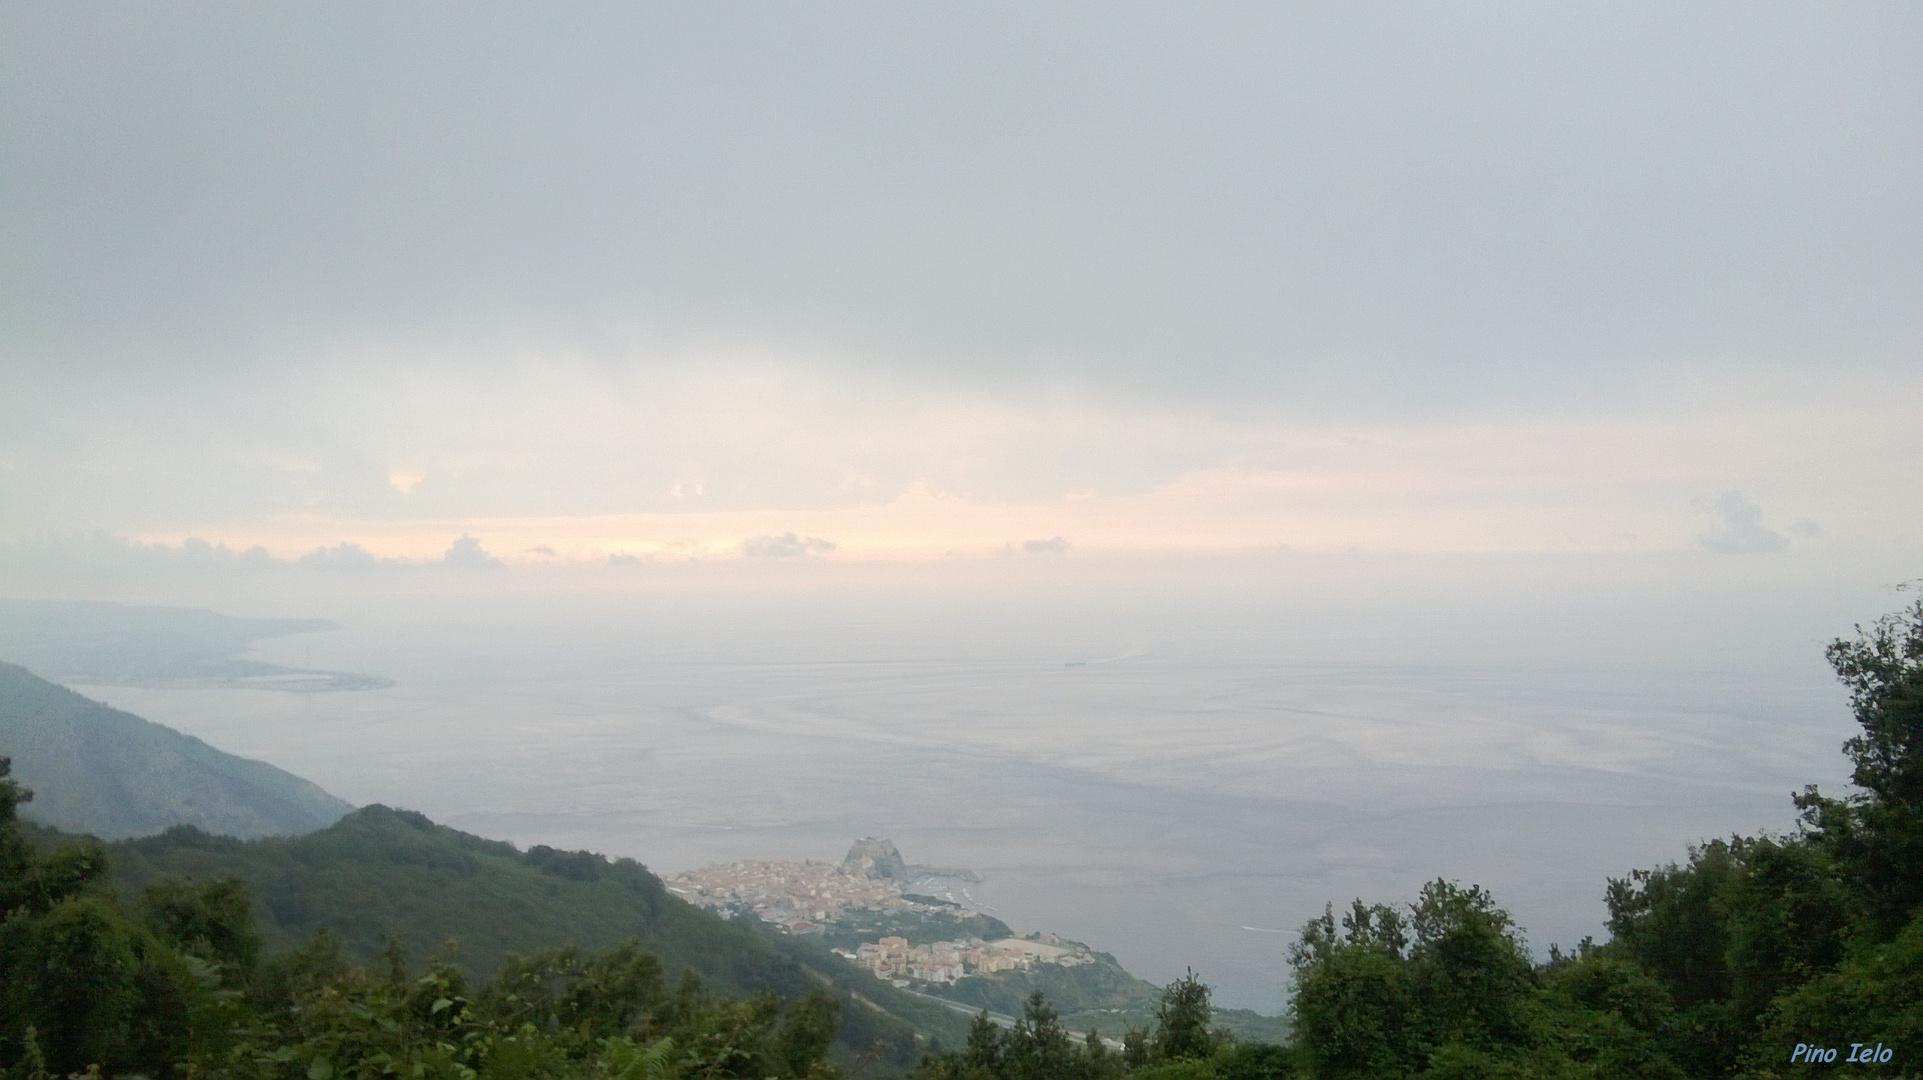 panorama dello stretto di Messina visto da Melia di Scilla (RC)